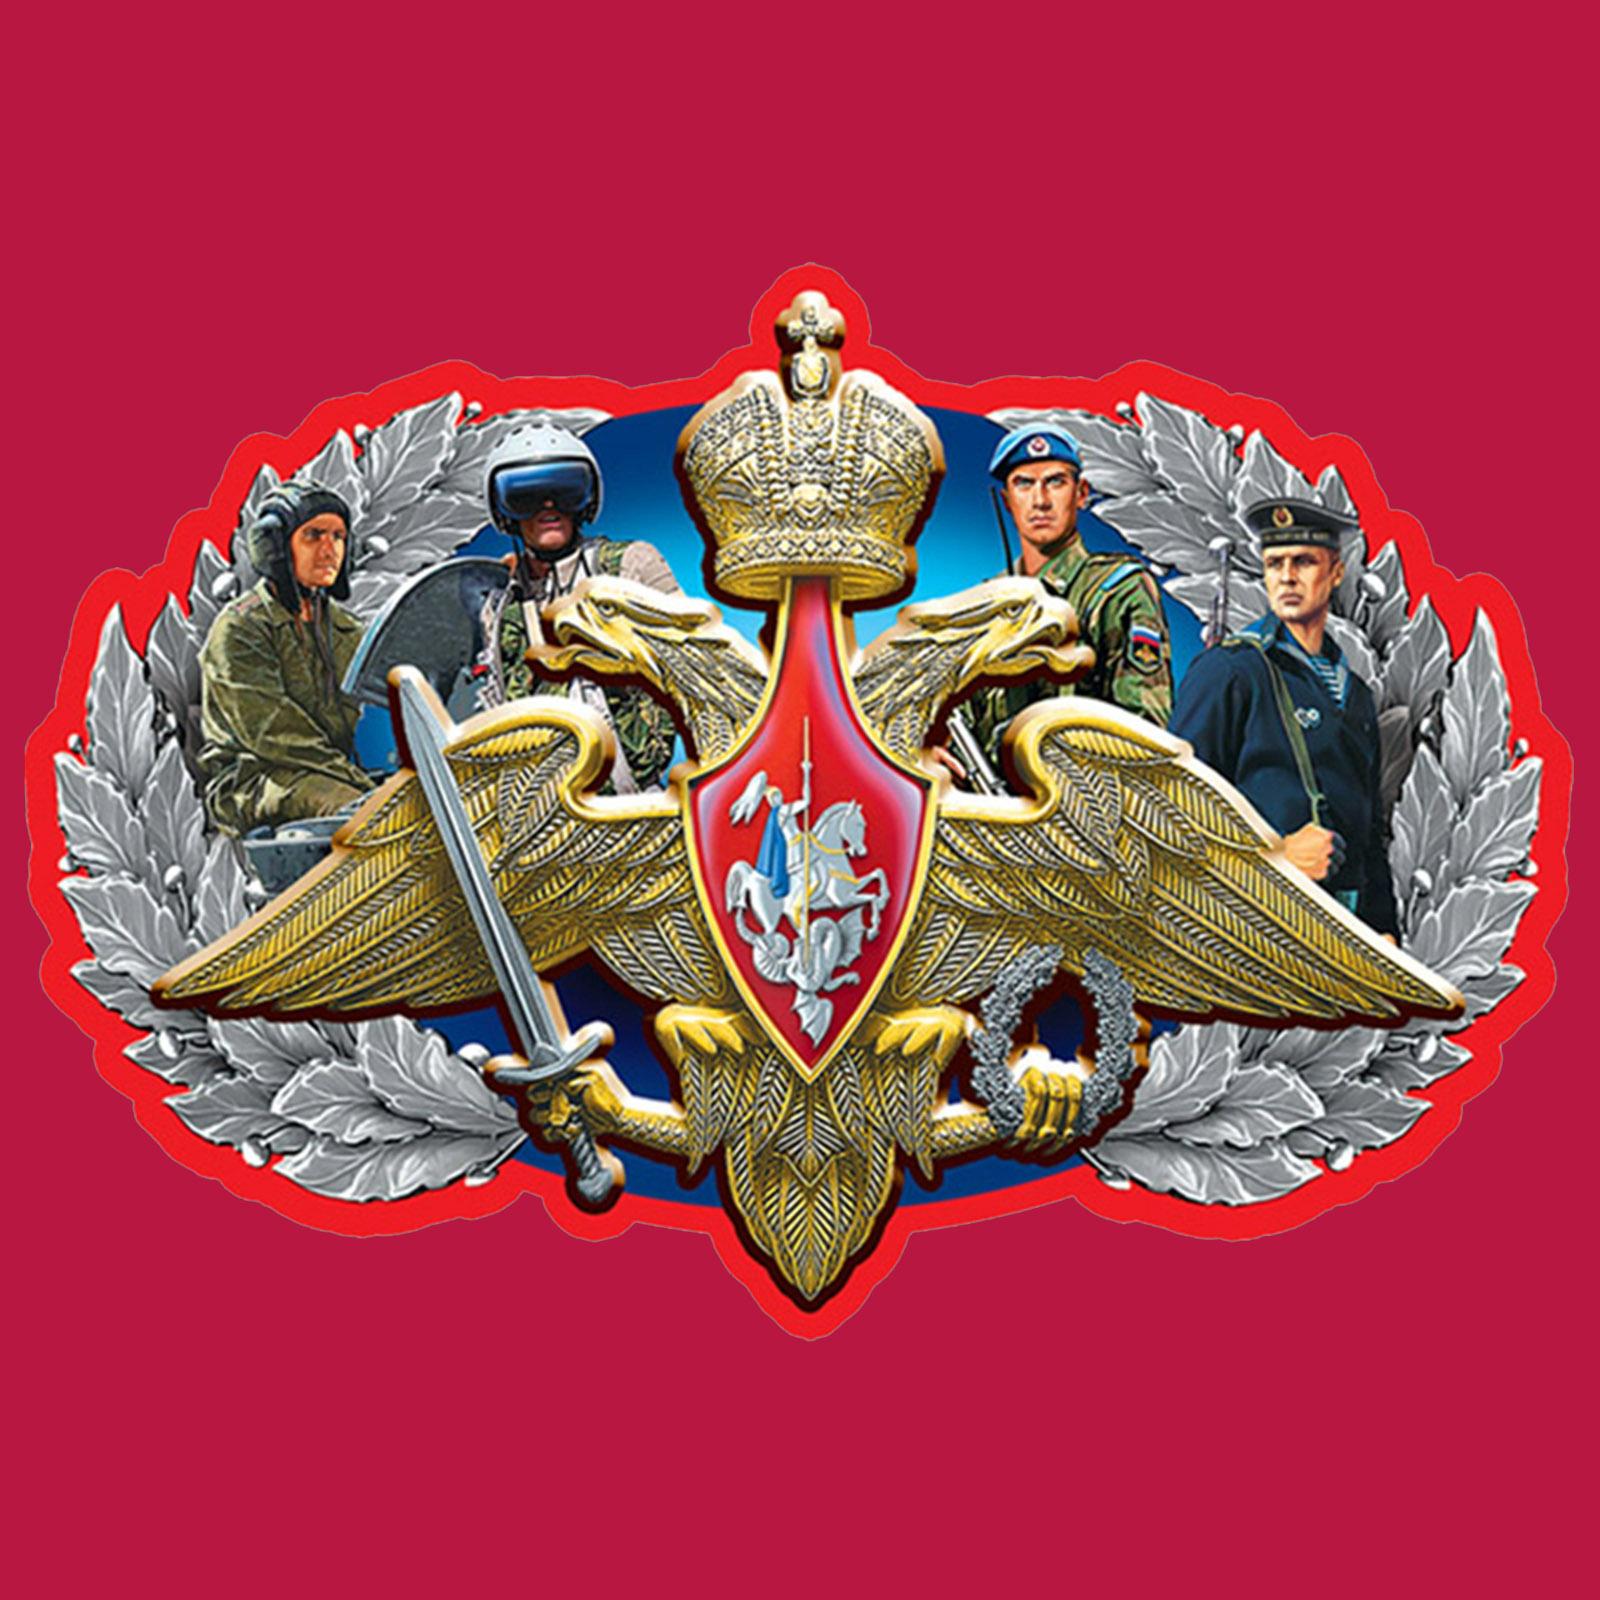 Купить сочную красную кепку-пятипанельку с термотрансфером Армия России оптом или в розницу